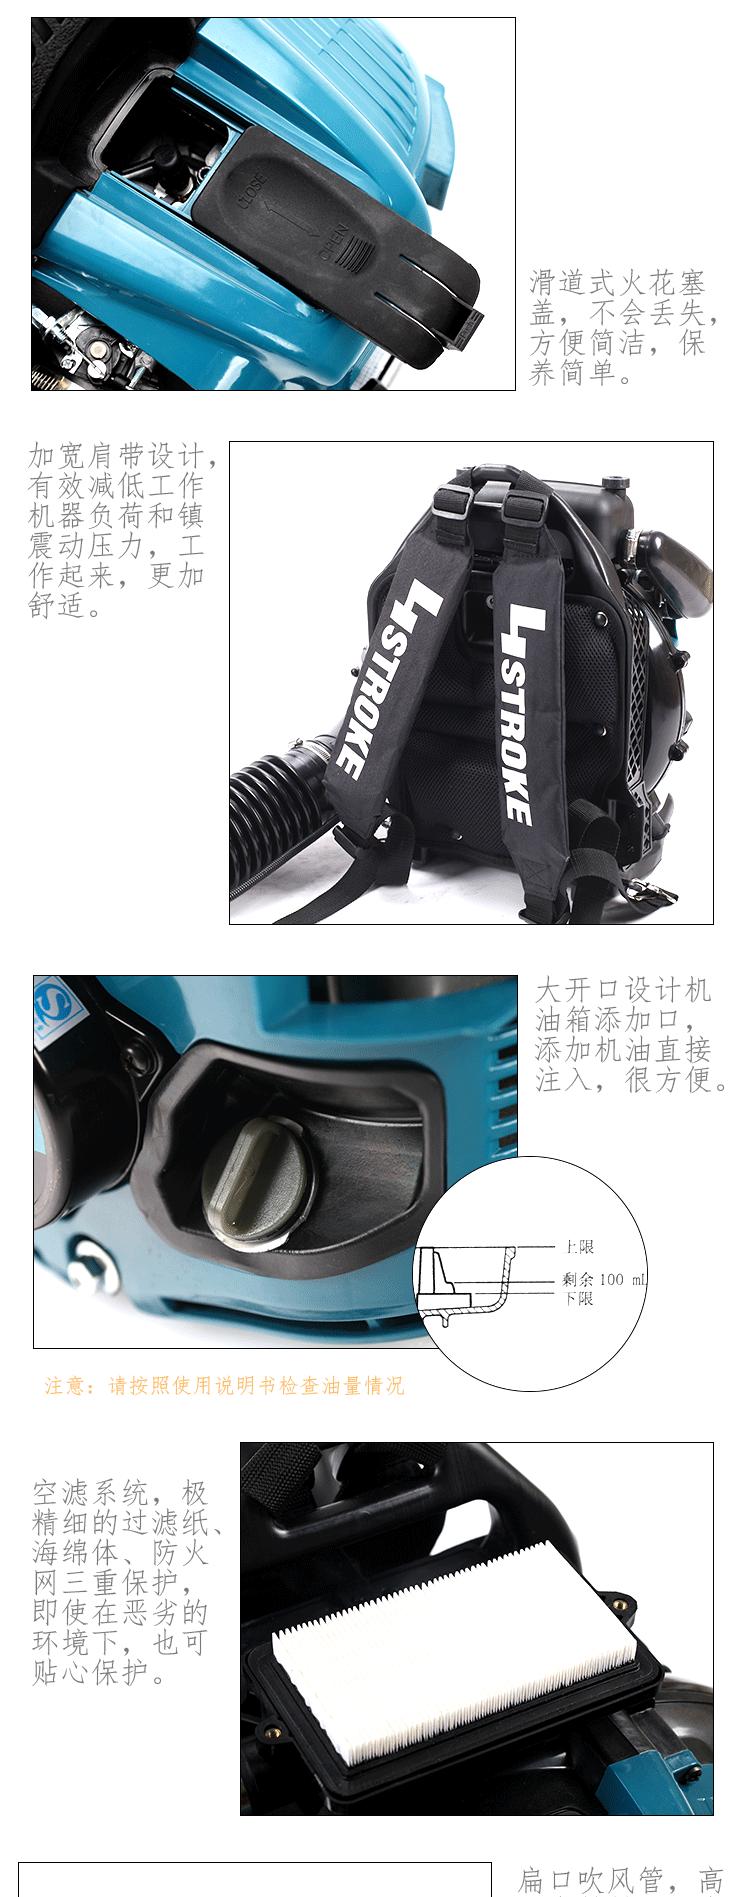 道路积雪吹雪机 高风路面清理机 小型肩负式吹叶机 消防器材风力灭火机 汽油吹风机示例图8